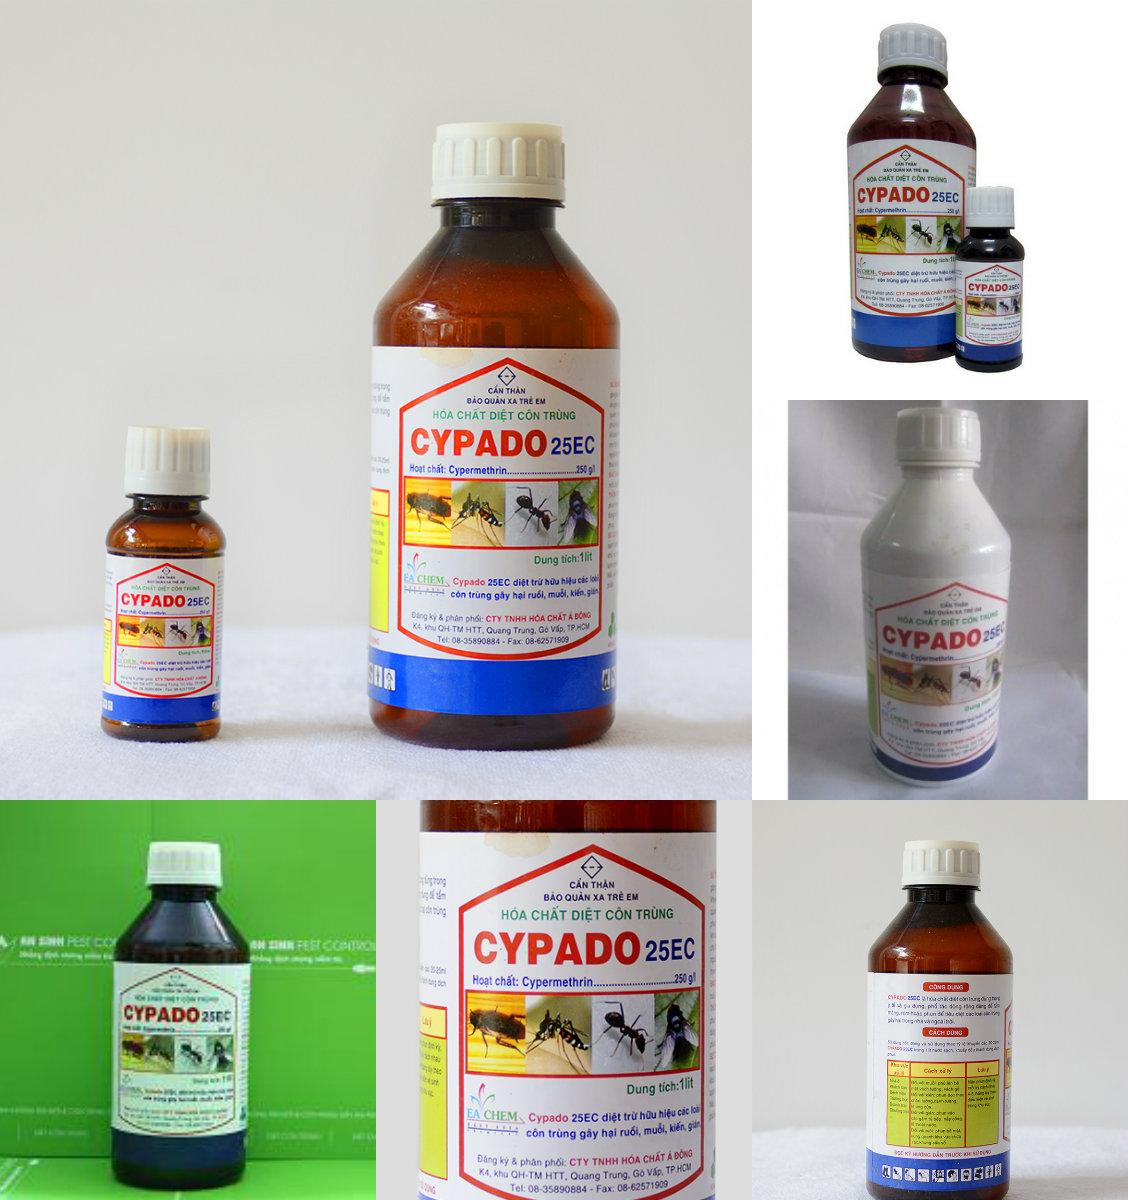 Đây là tất cả các sản Phẩm Thuốc Diệt Côn TRùng CYPADO 25 Ec có hiện nay trên thị trường